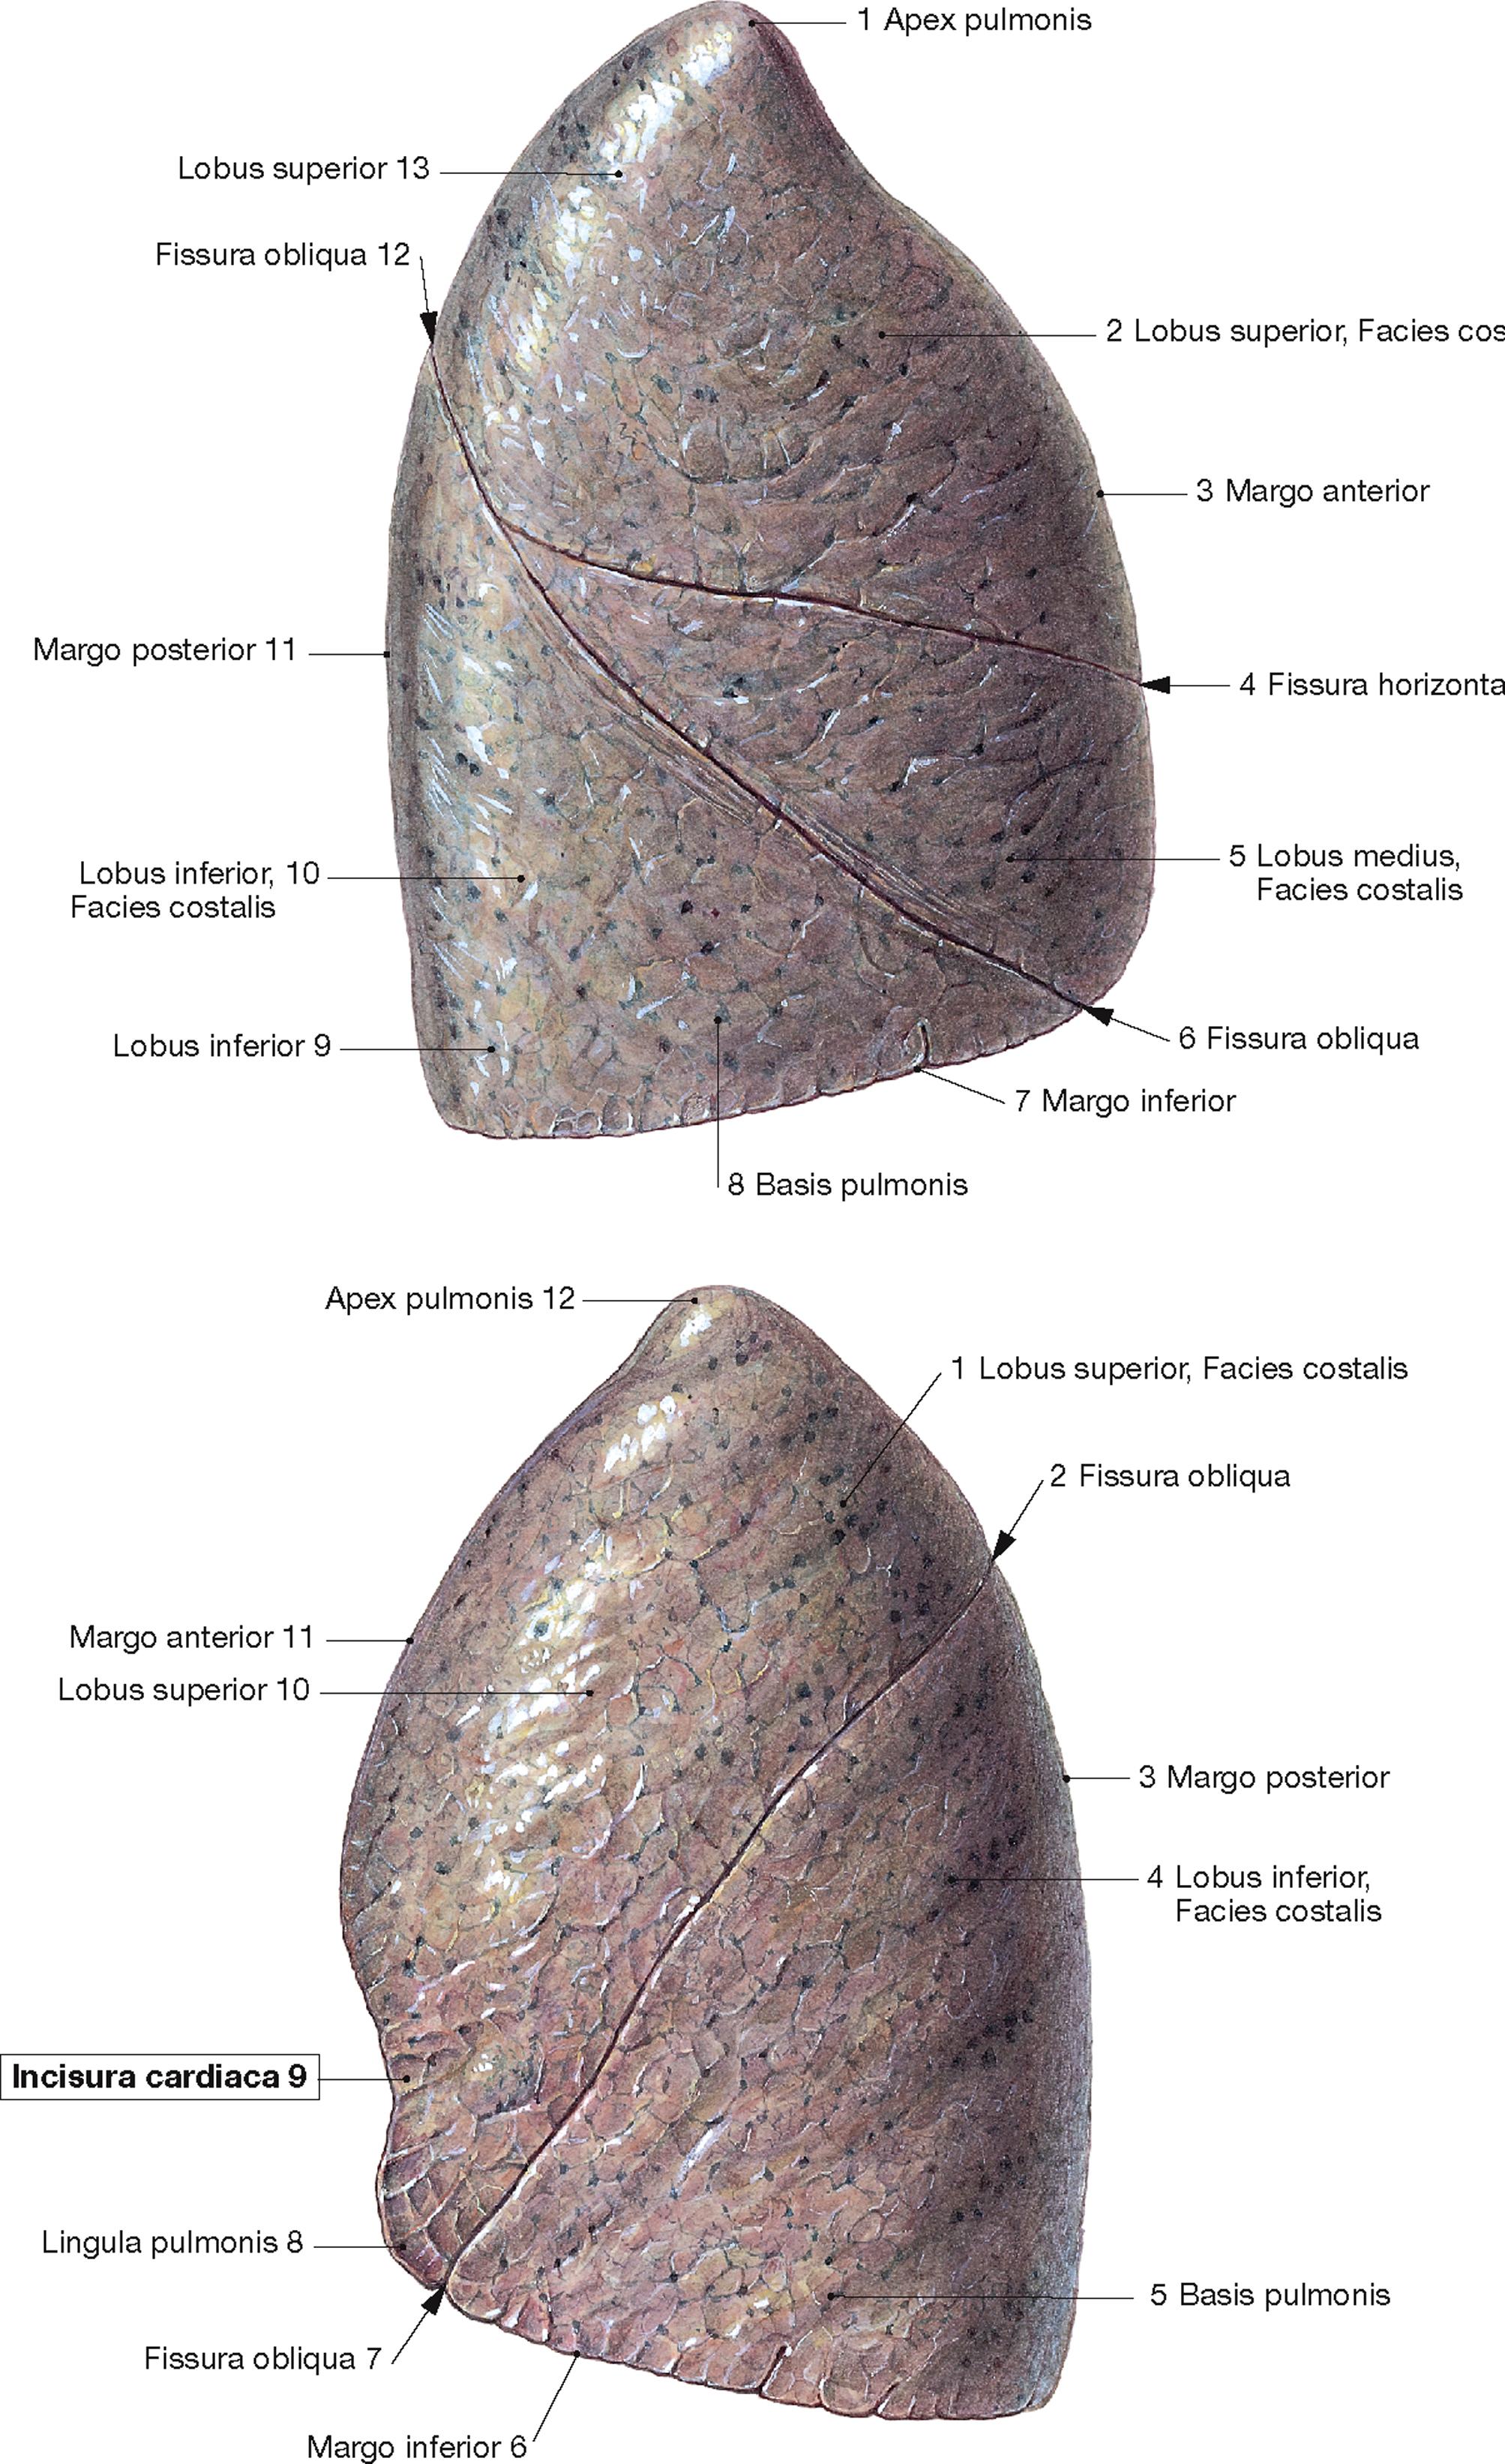 menschliche lunge bilder